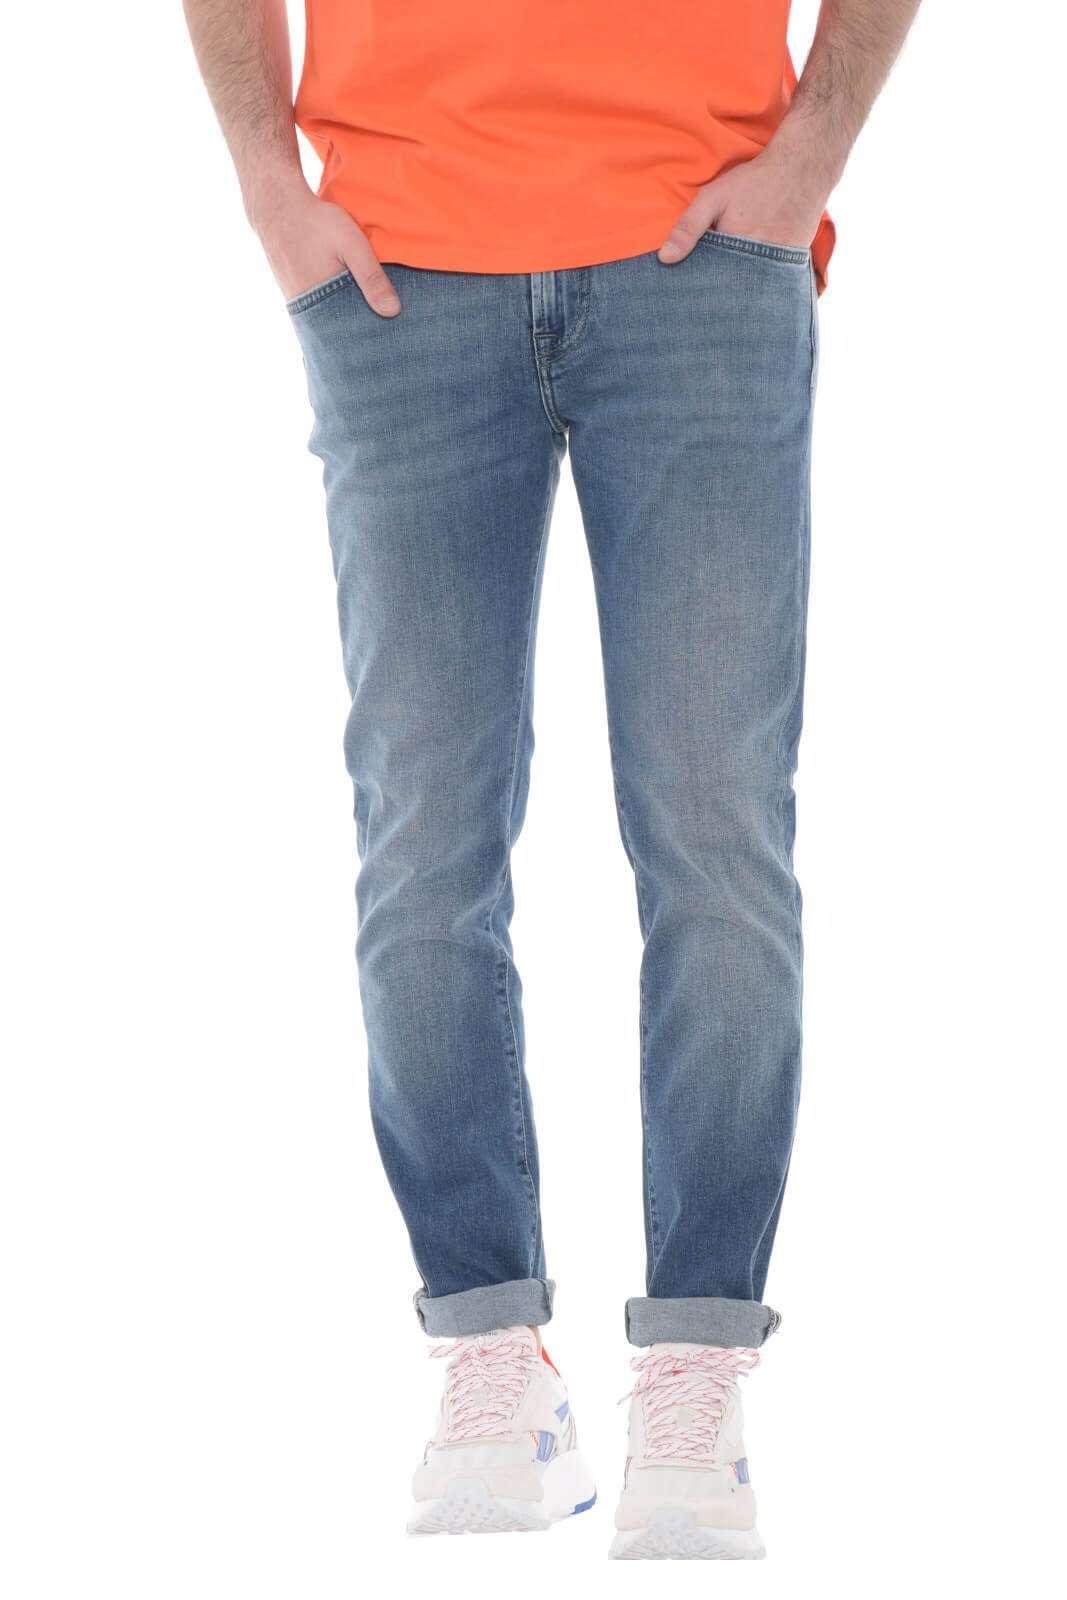 Glamour e versatile, il modello Falanghina proposto per la collezione jeans uomo Roy Roger's unisce tutti gli stili. La vestibilità slim fit su lavaggio medio e pulito li rendono un'icona del fashion per rendere unico ogni look. Da indossare con una T shirt o una giacca per un party, sono un classico senza tempo.